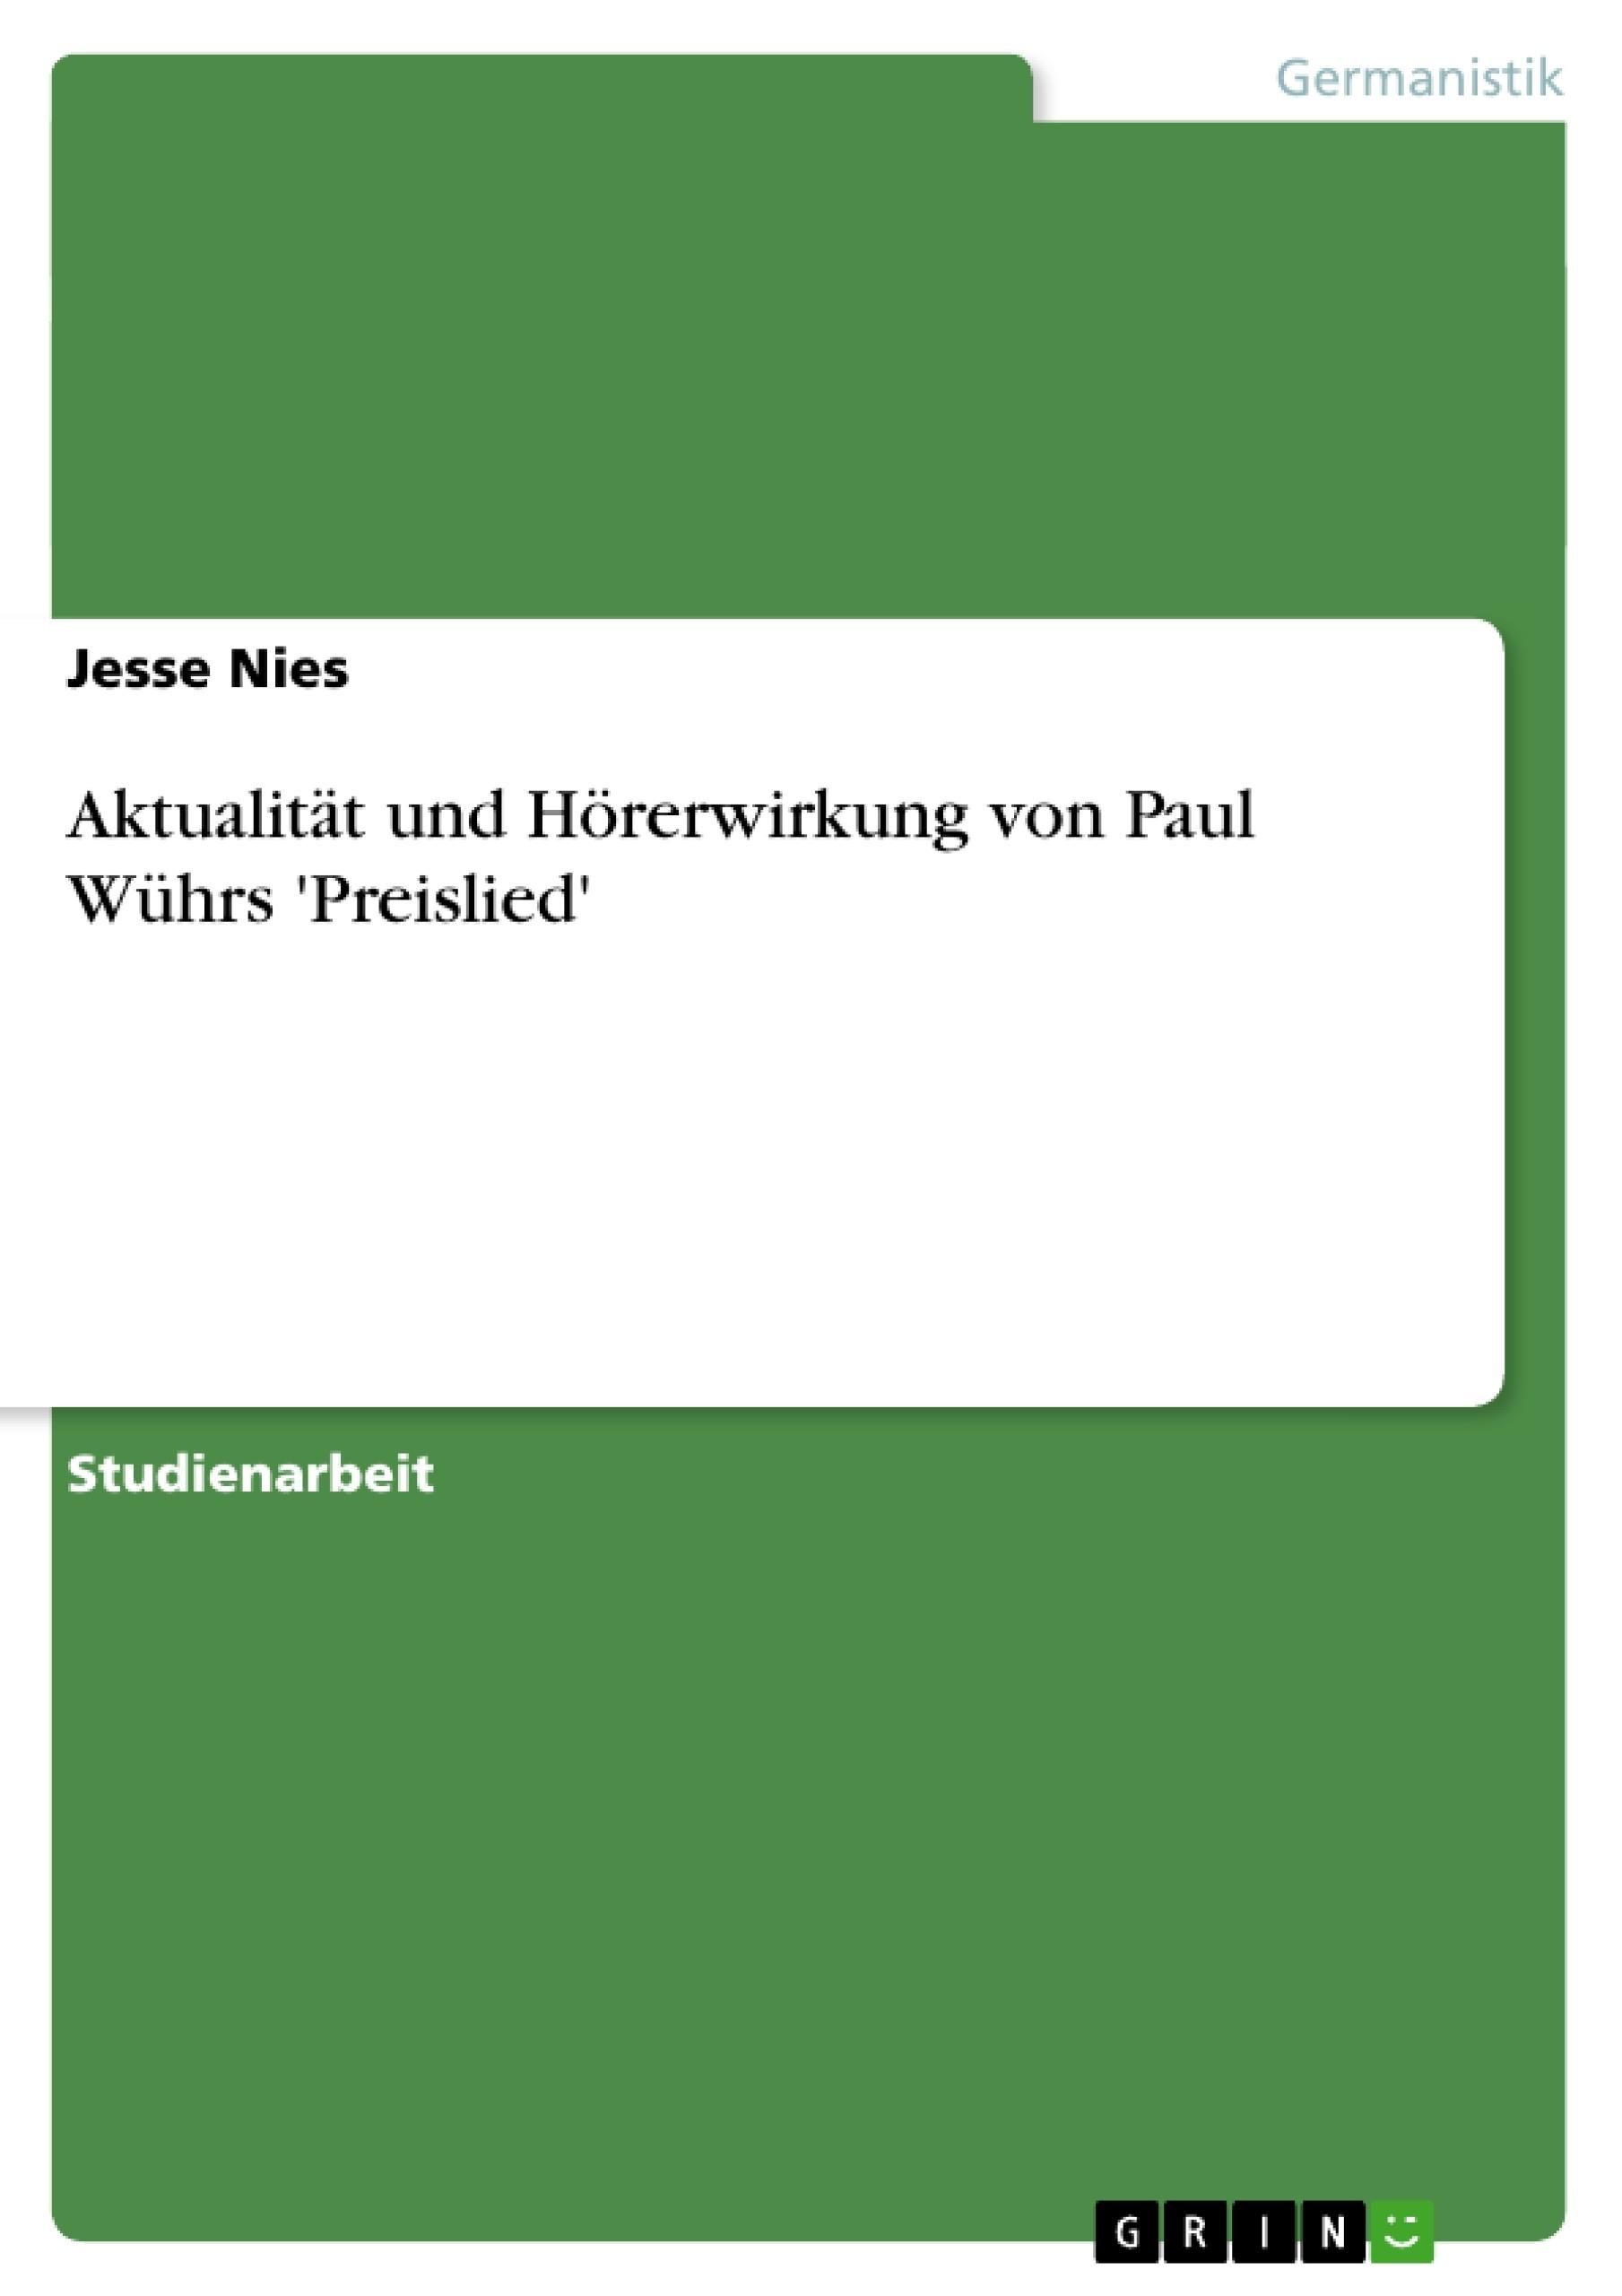 Titel: Aktualität und Hörerwirkung von Paul Wührs 'Preislied'